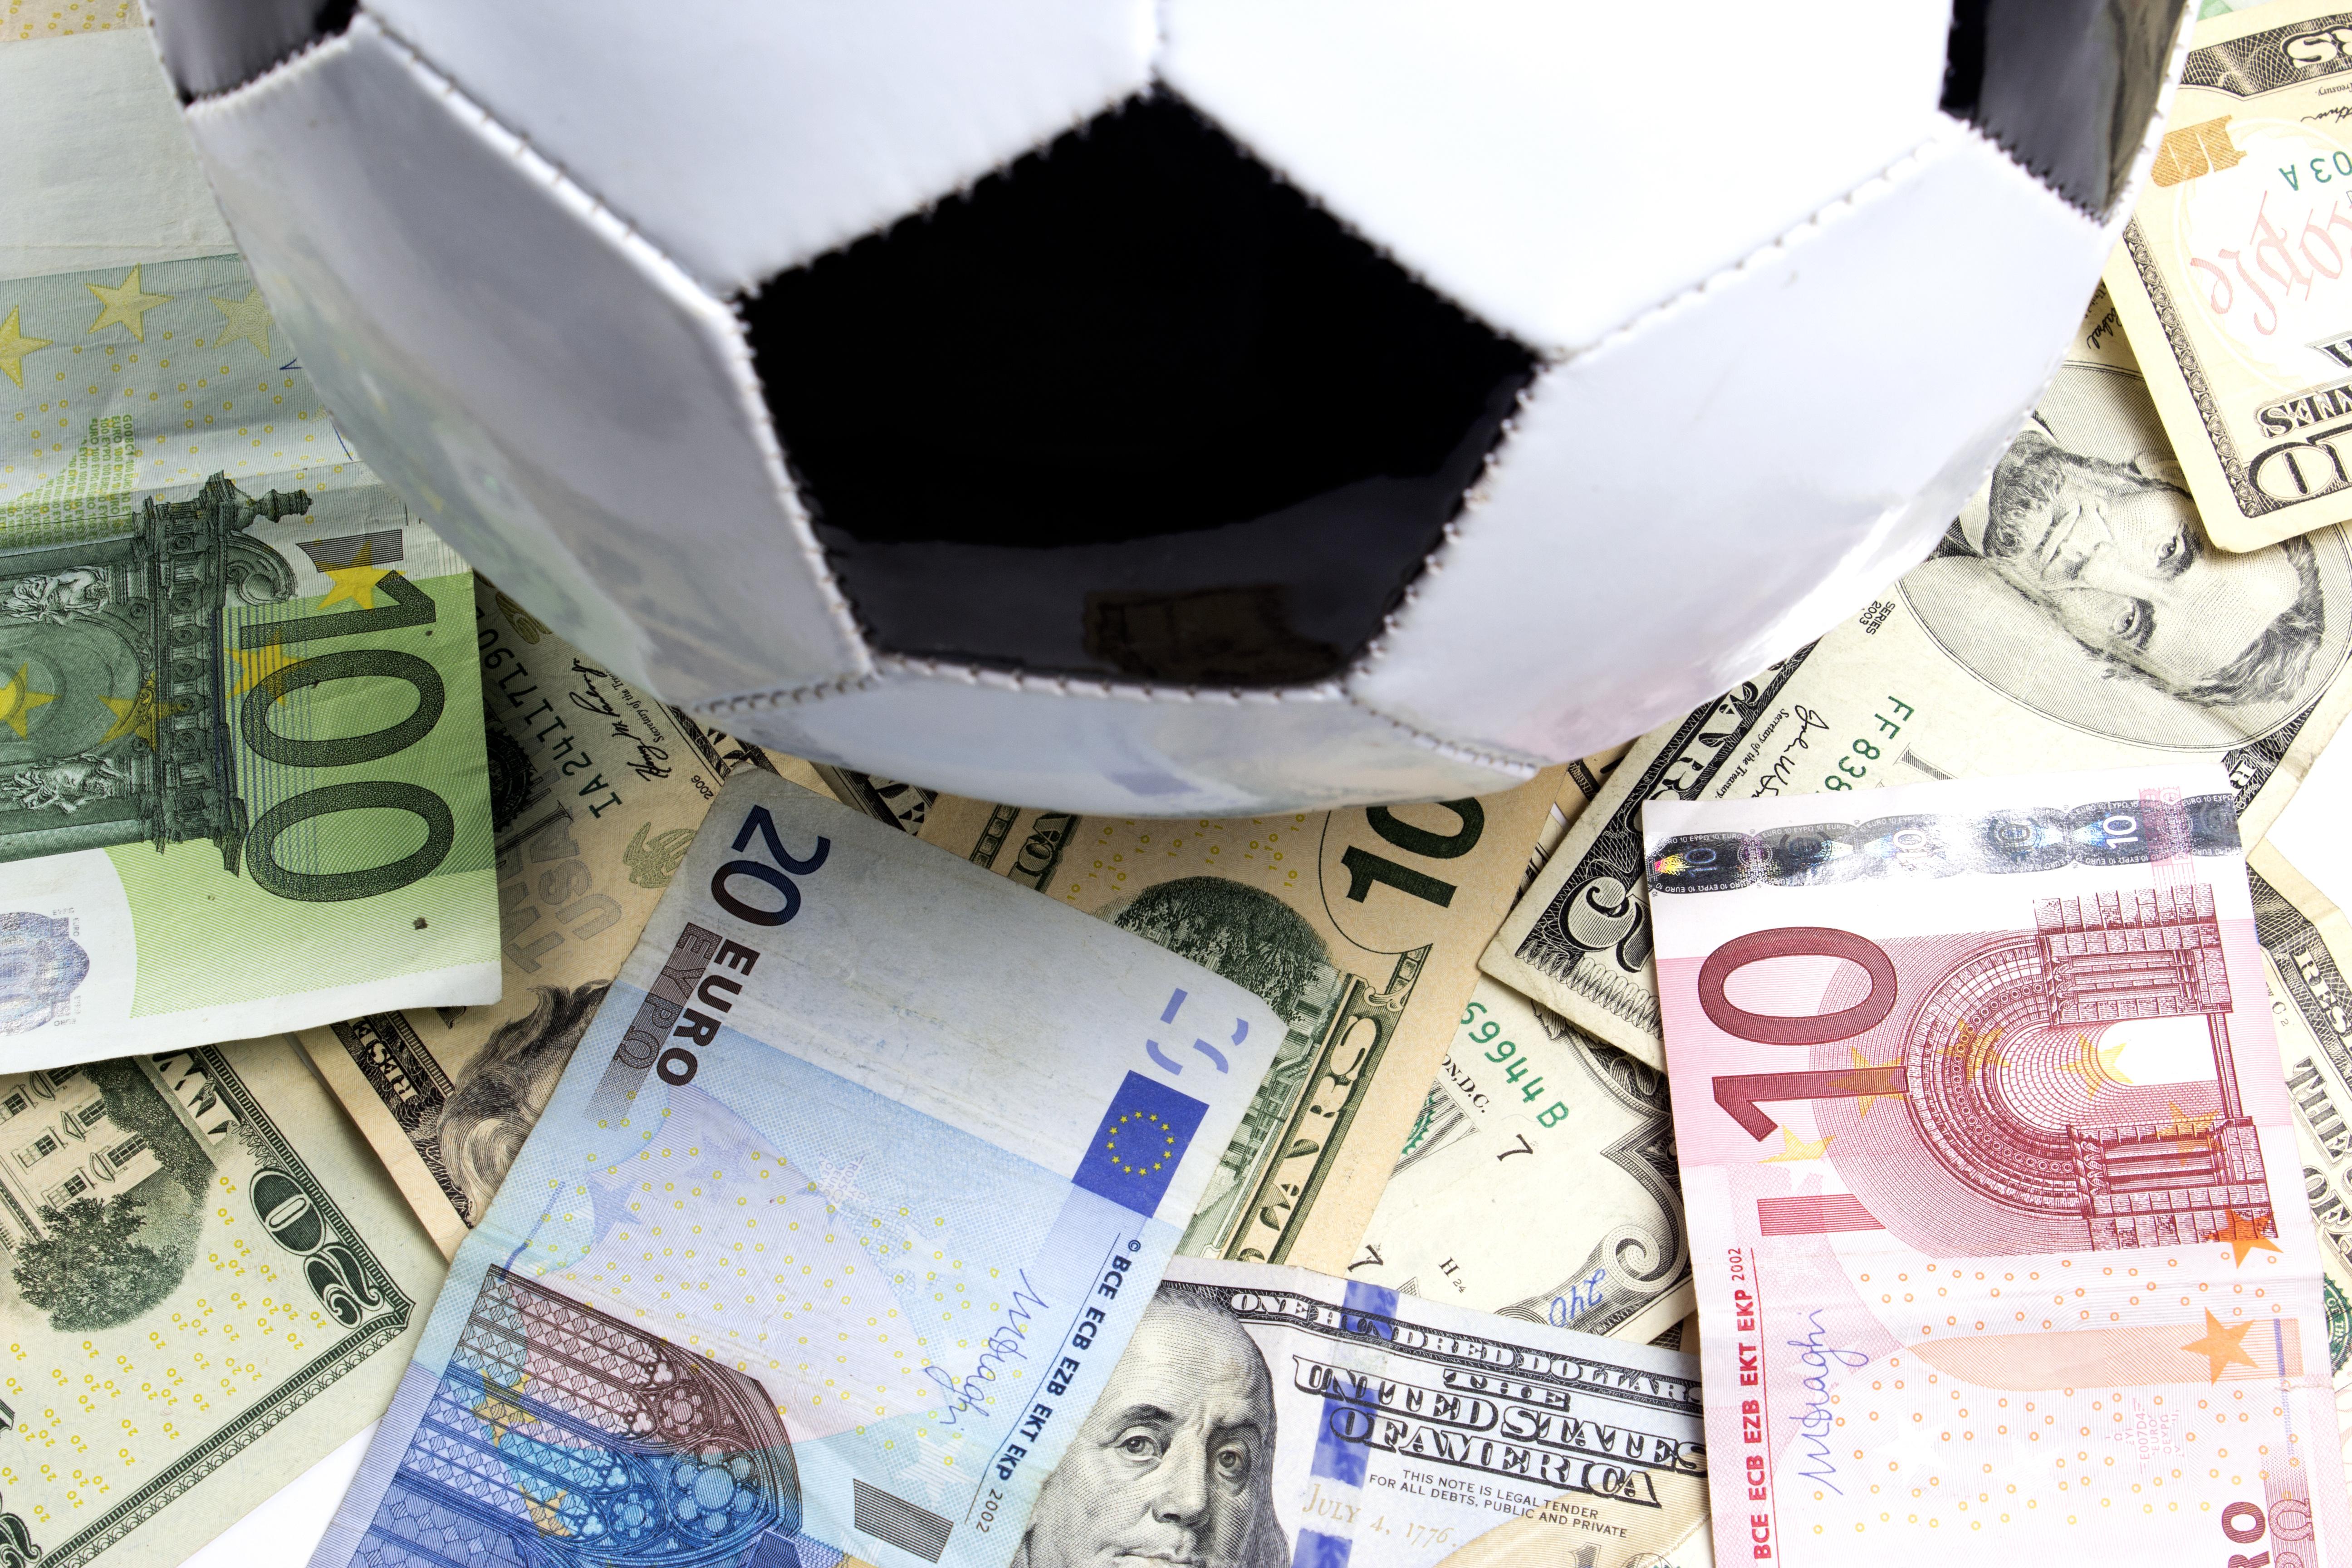 'Zirə'nin keçmiş futbolçusuna uduzmaq üçün 2700 dollar təklif olundu - Rüşvət qalmaqalı